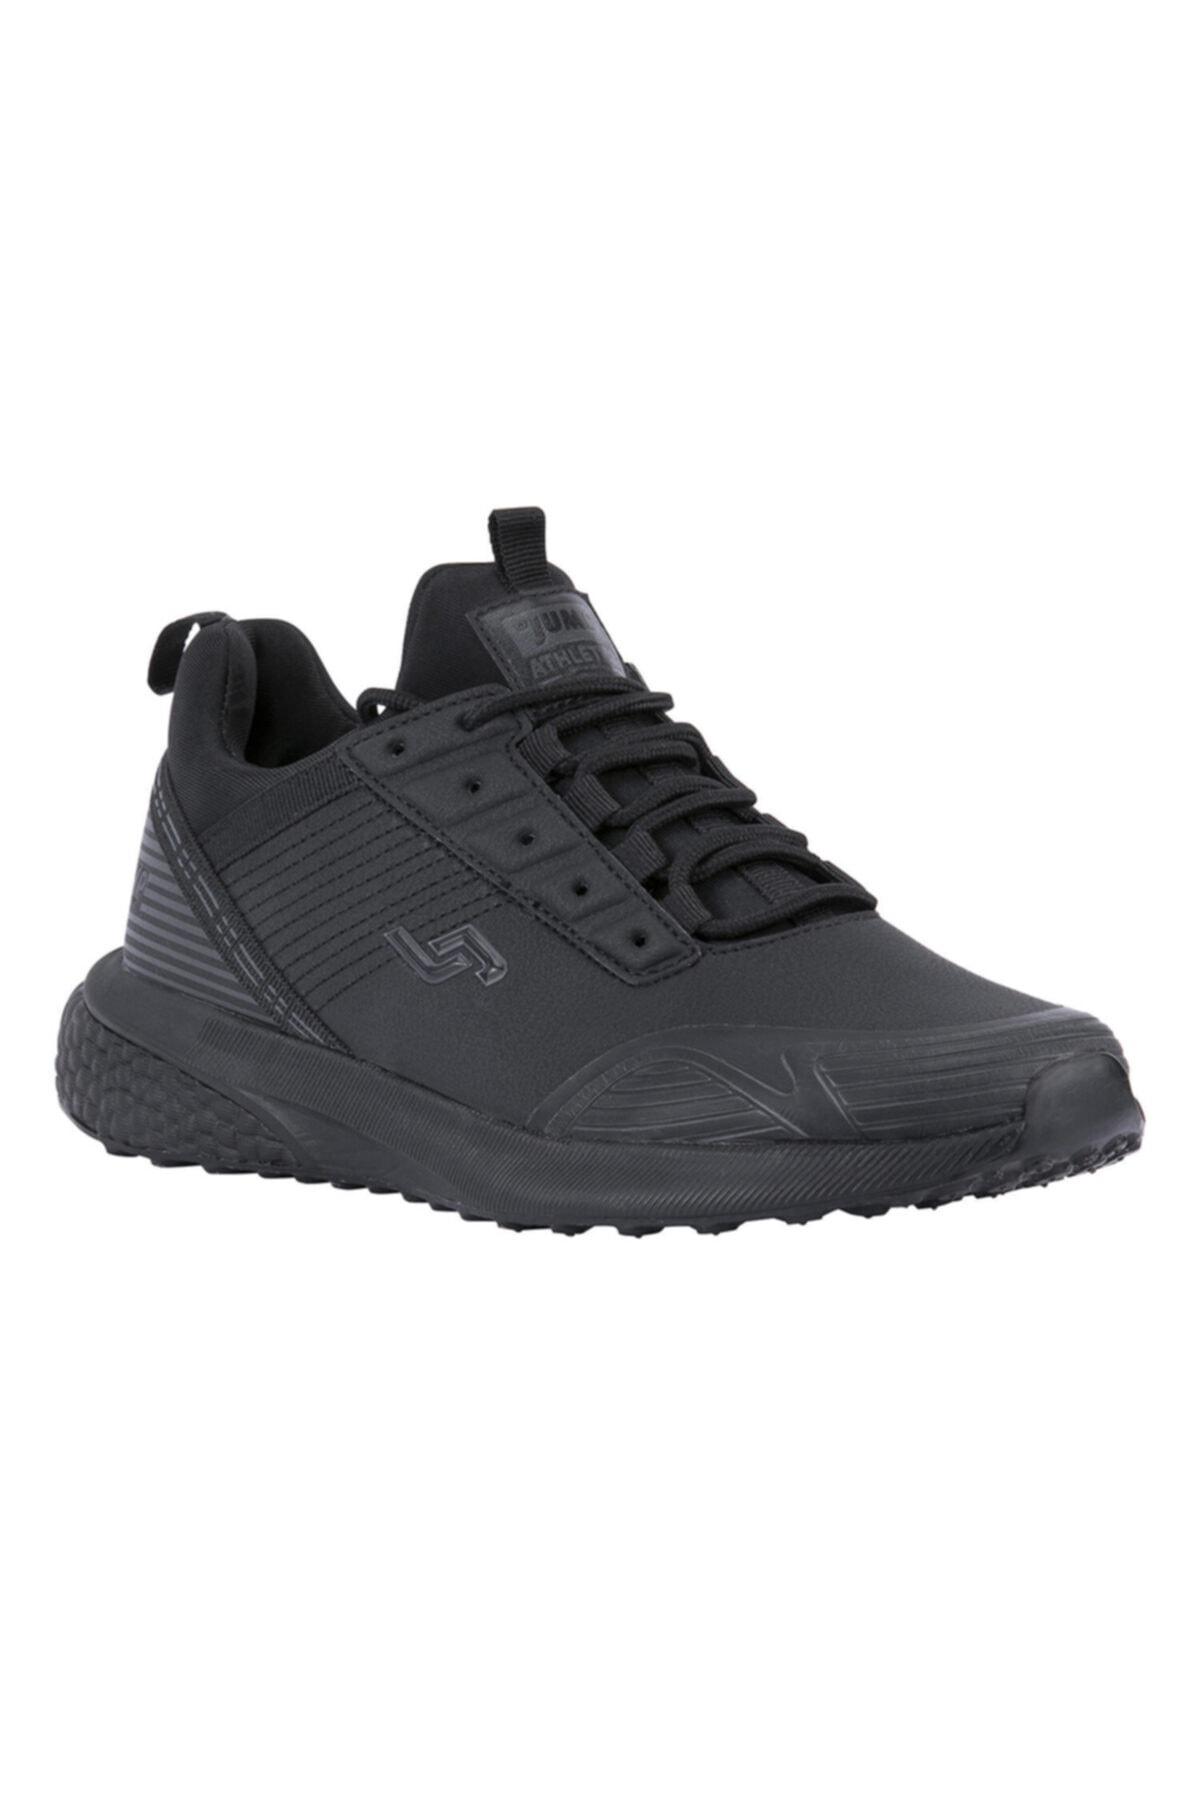 Jump Kadın Siyah Spor Ayakkabı  25750 2